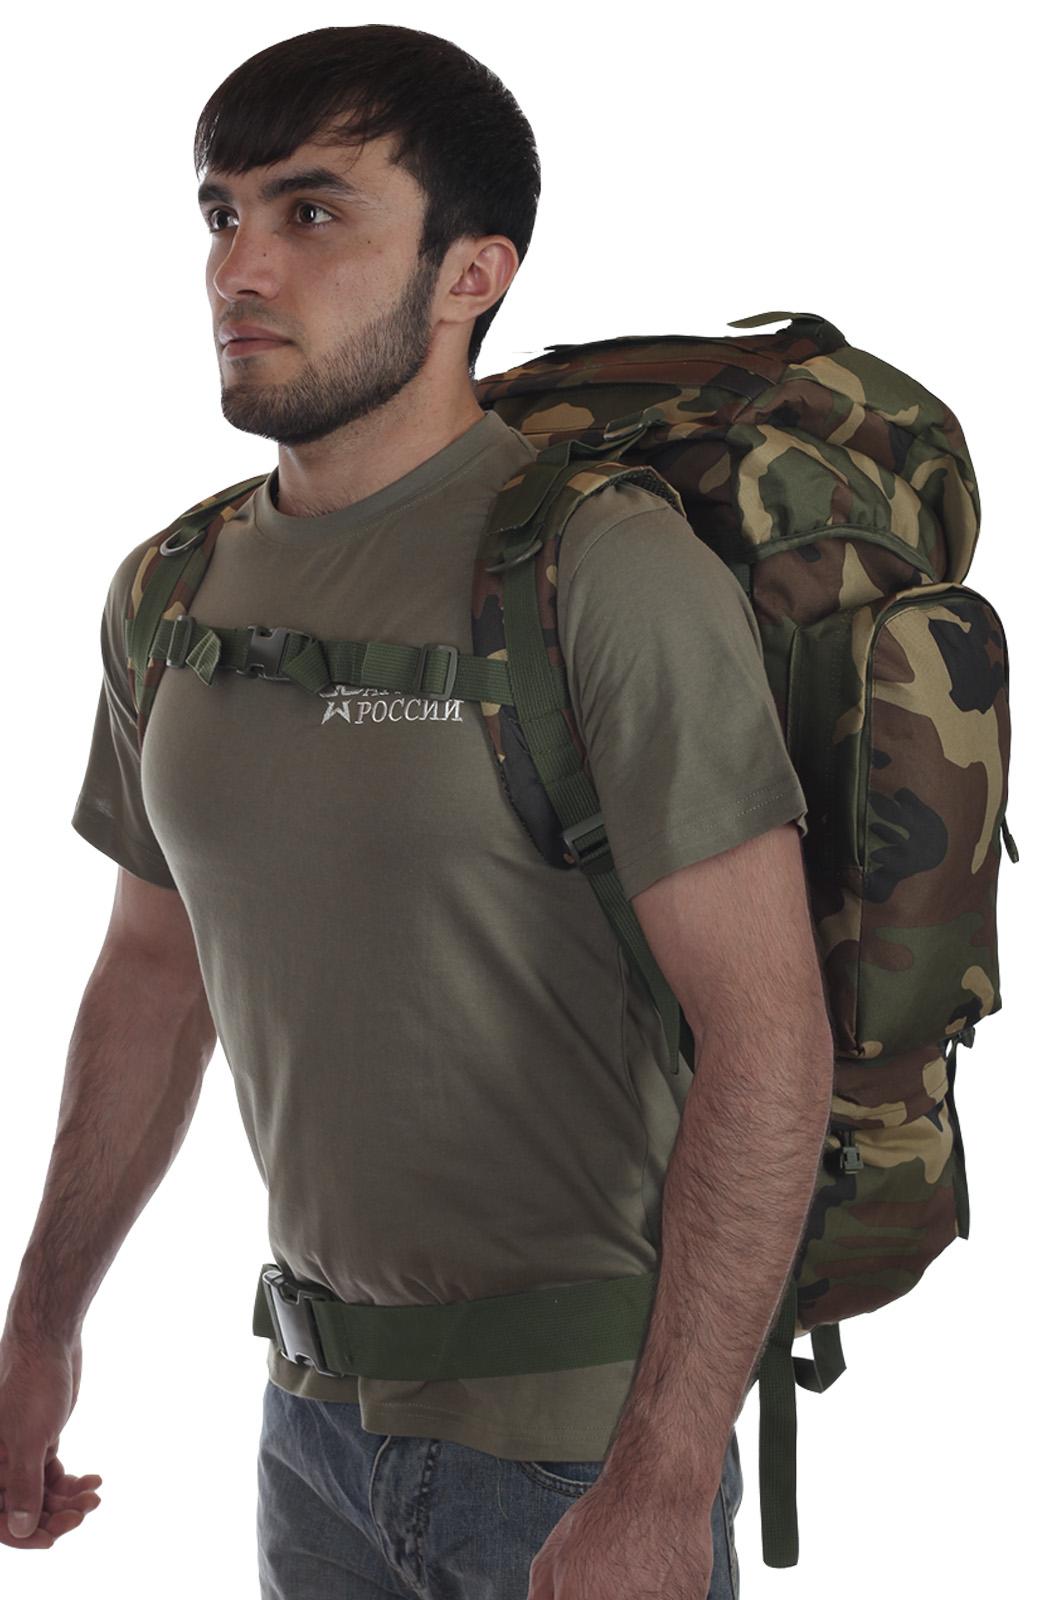 Камуфляжный военный рюкзак CCE с нашивкой ДПС - заказать онлайн